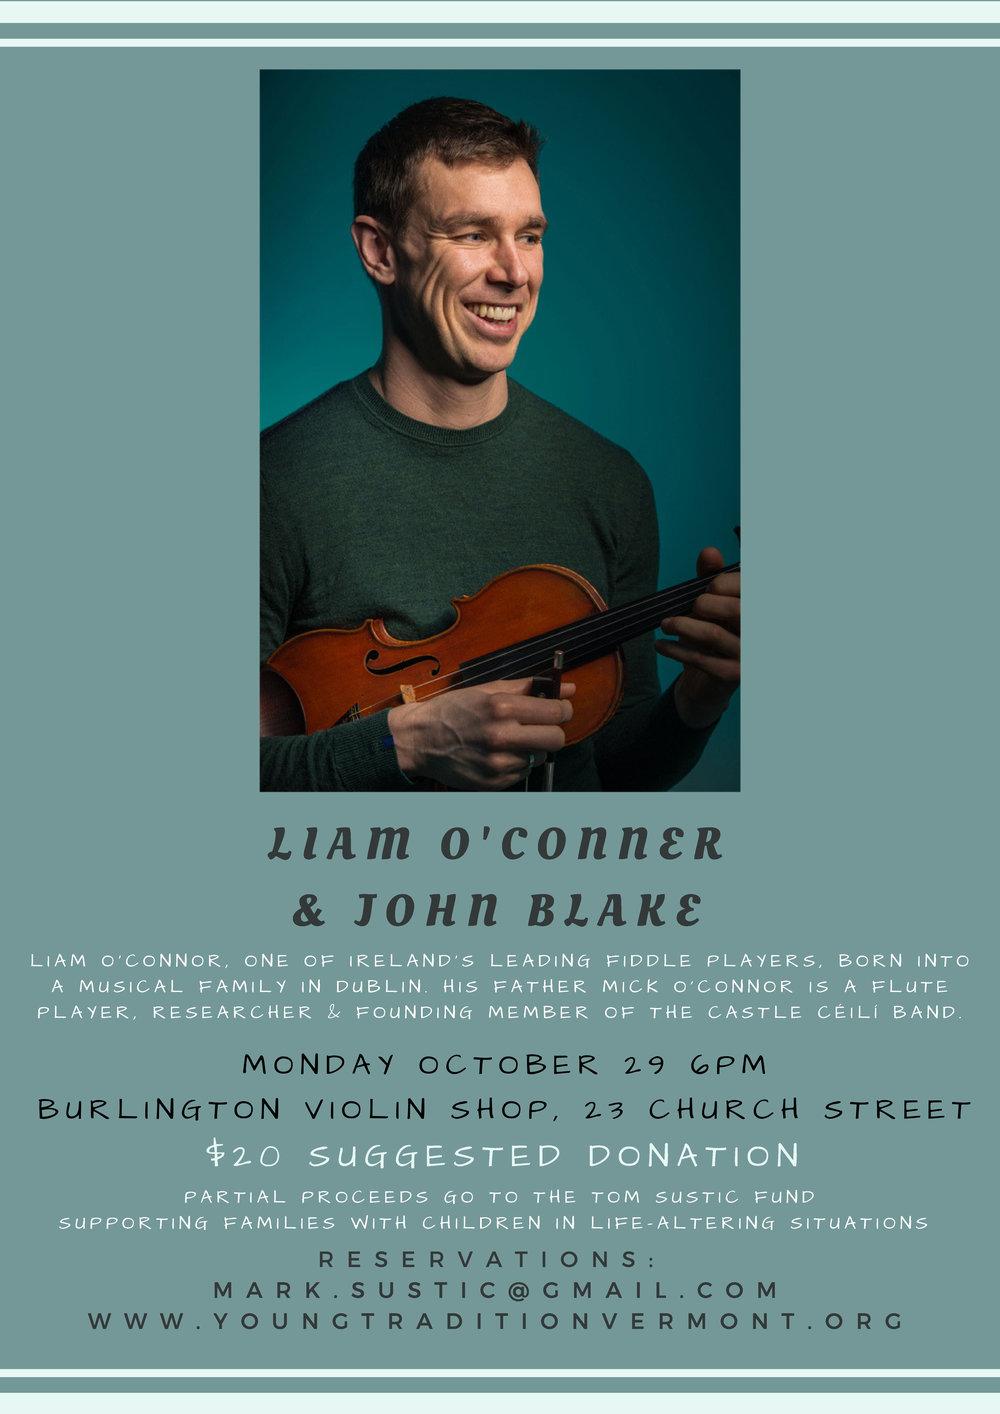 burlington violin shop concerts